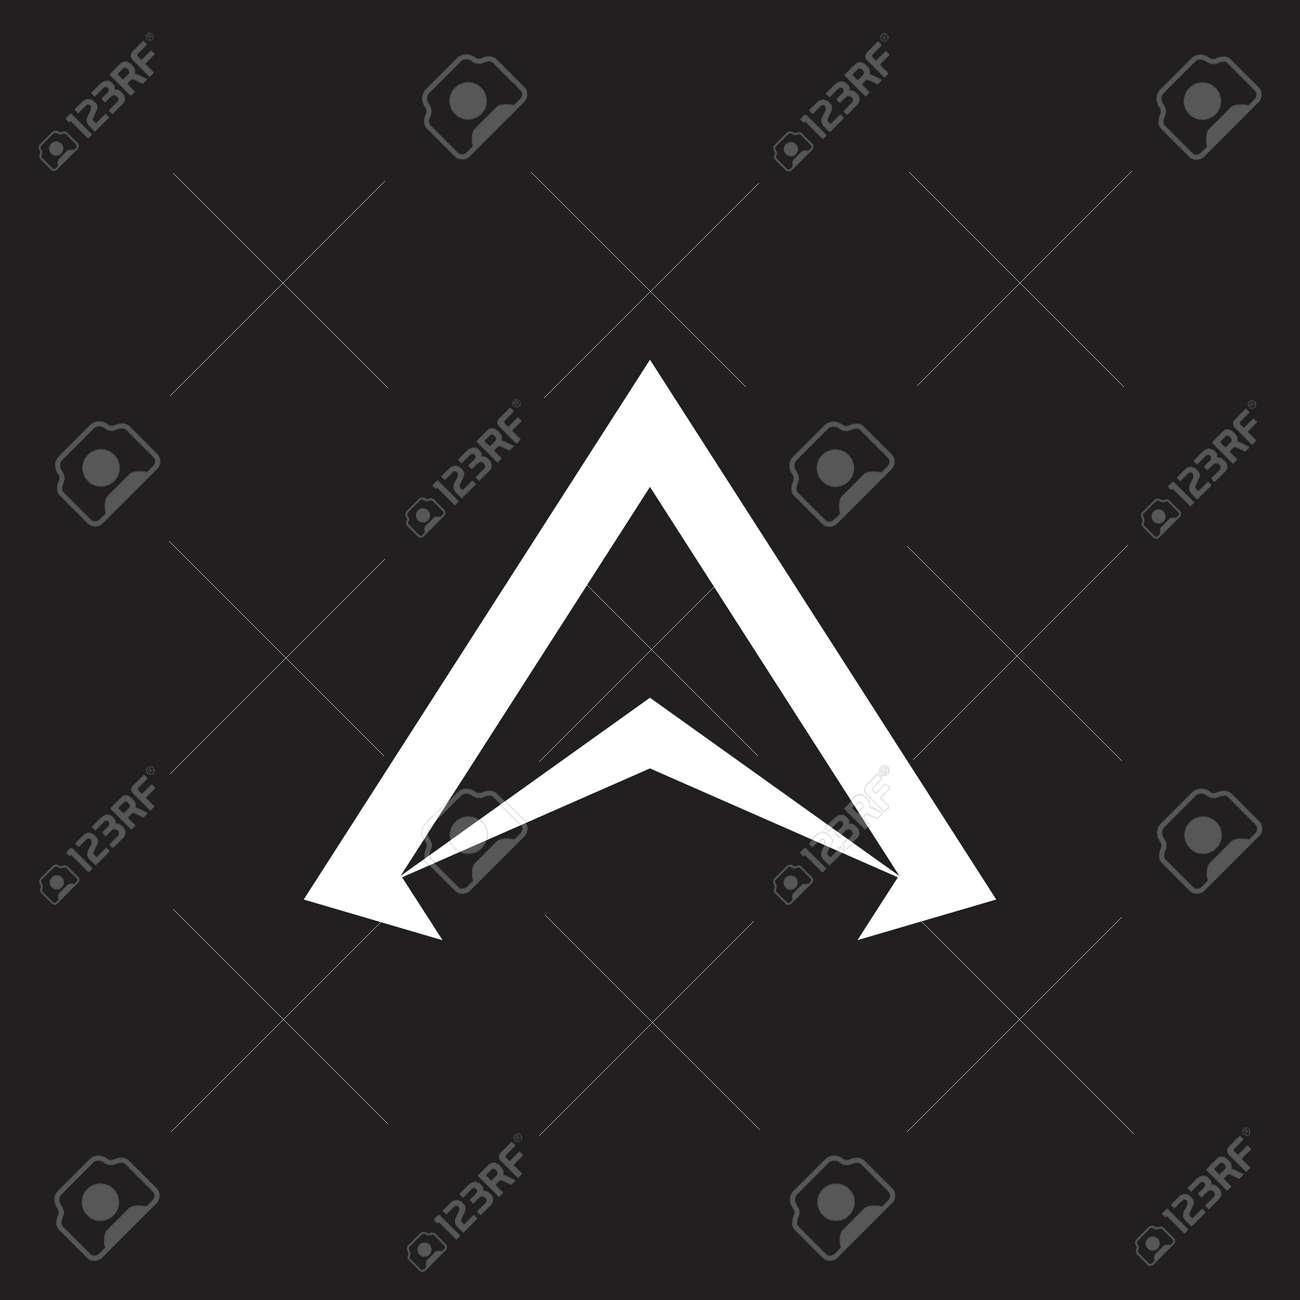 letter a simple arrow geometric logo vector - 122017458